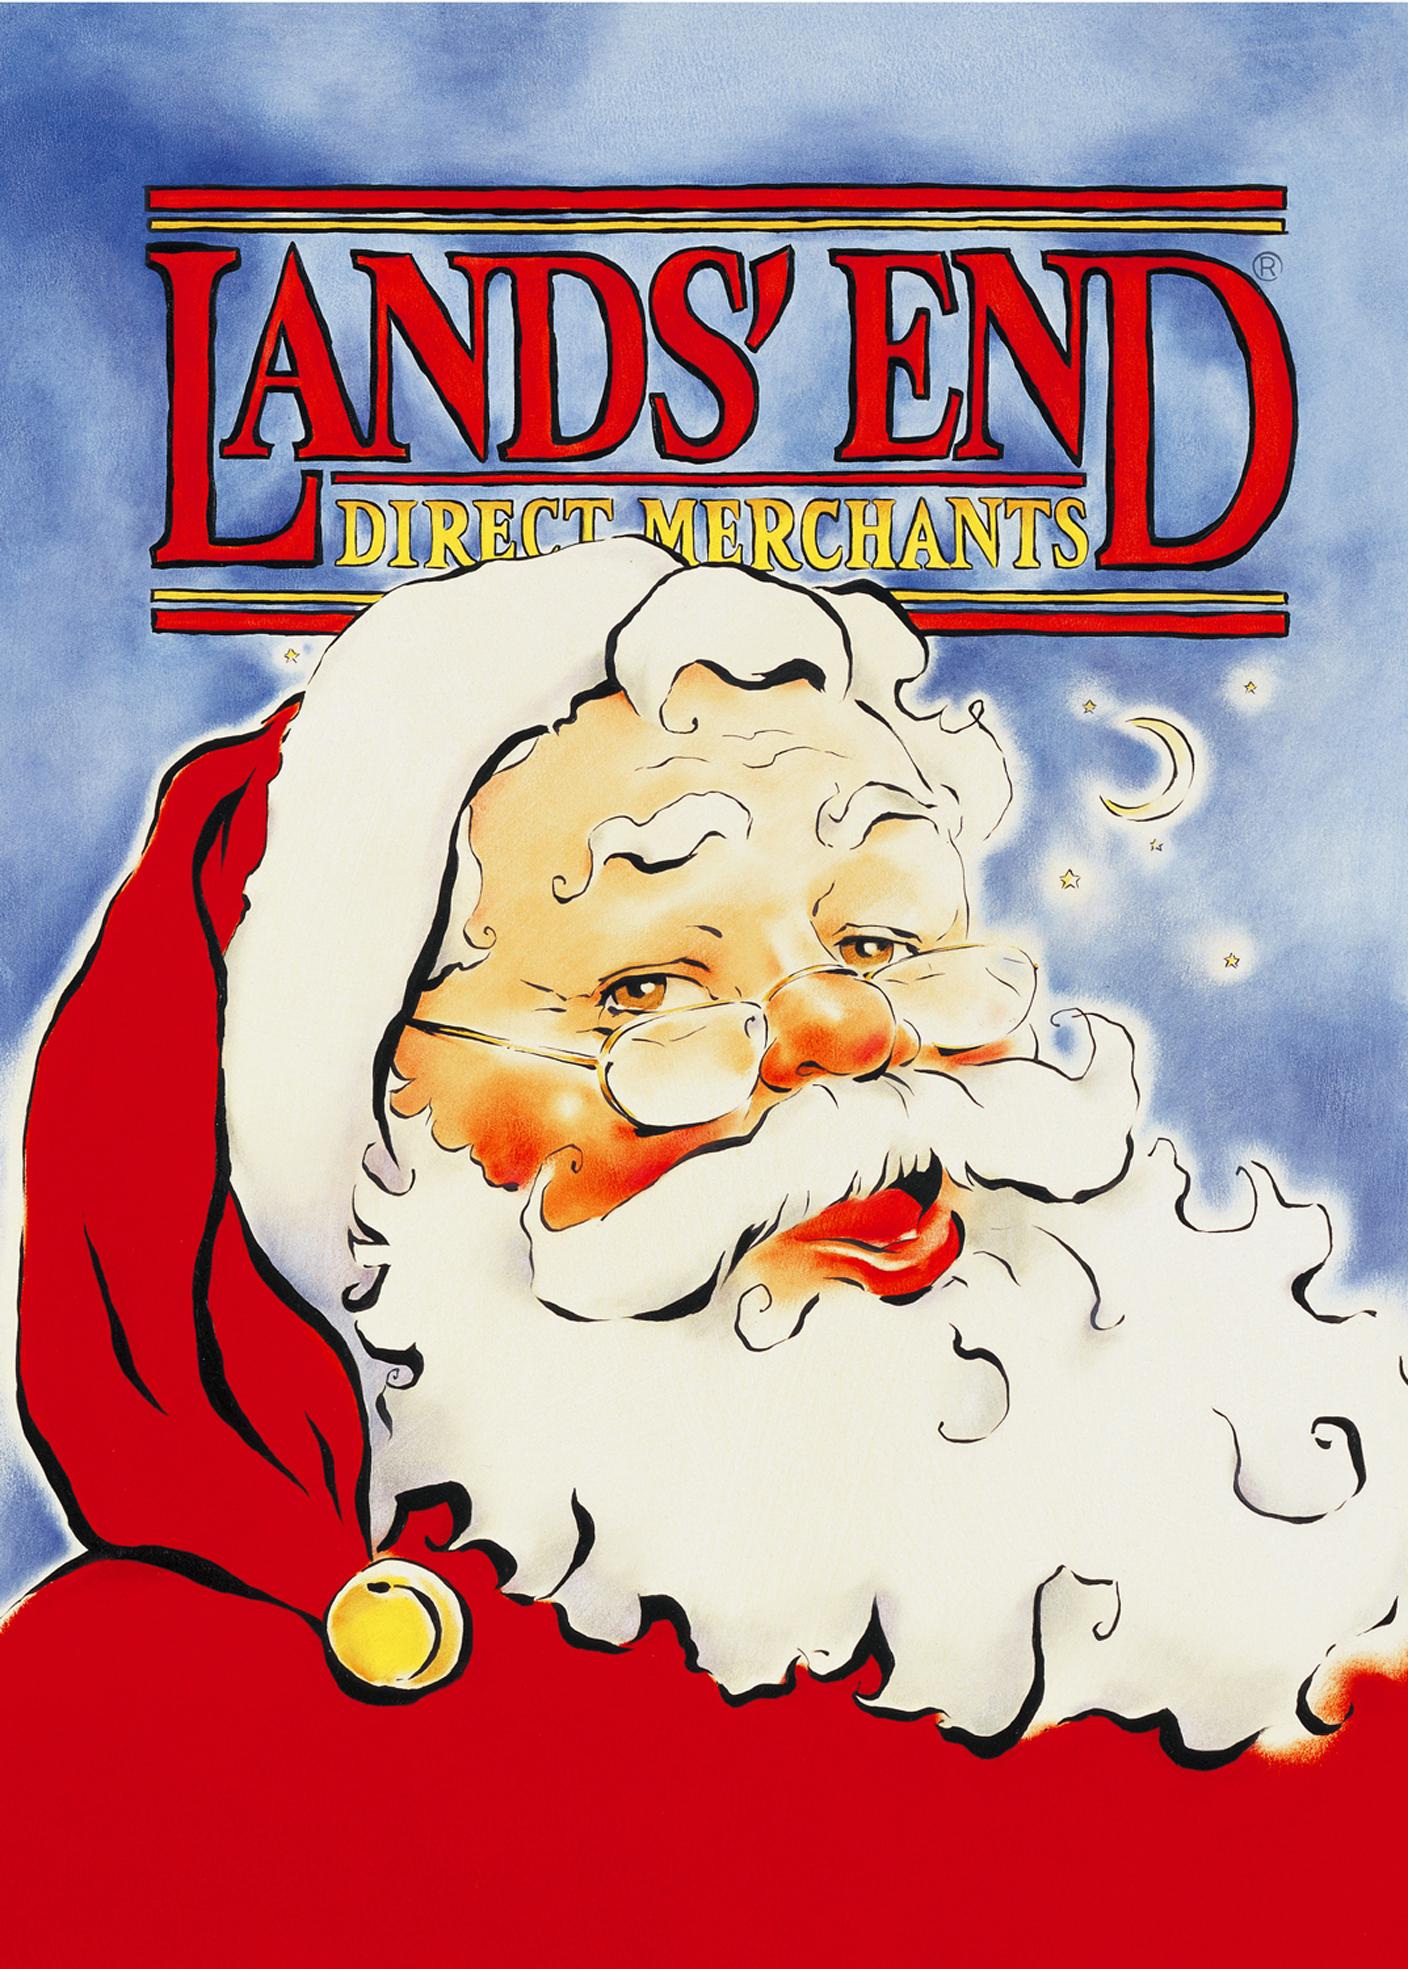 34-Lands' End.jpg